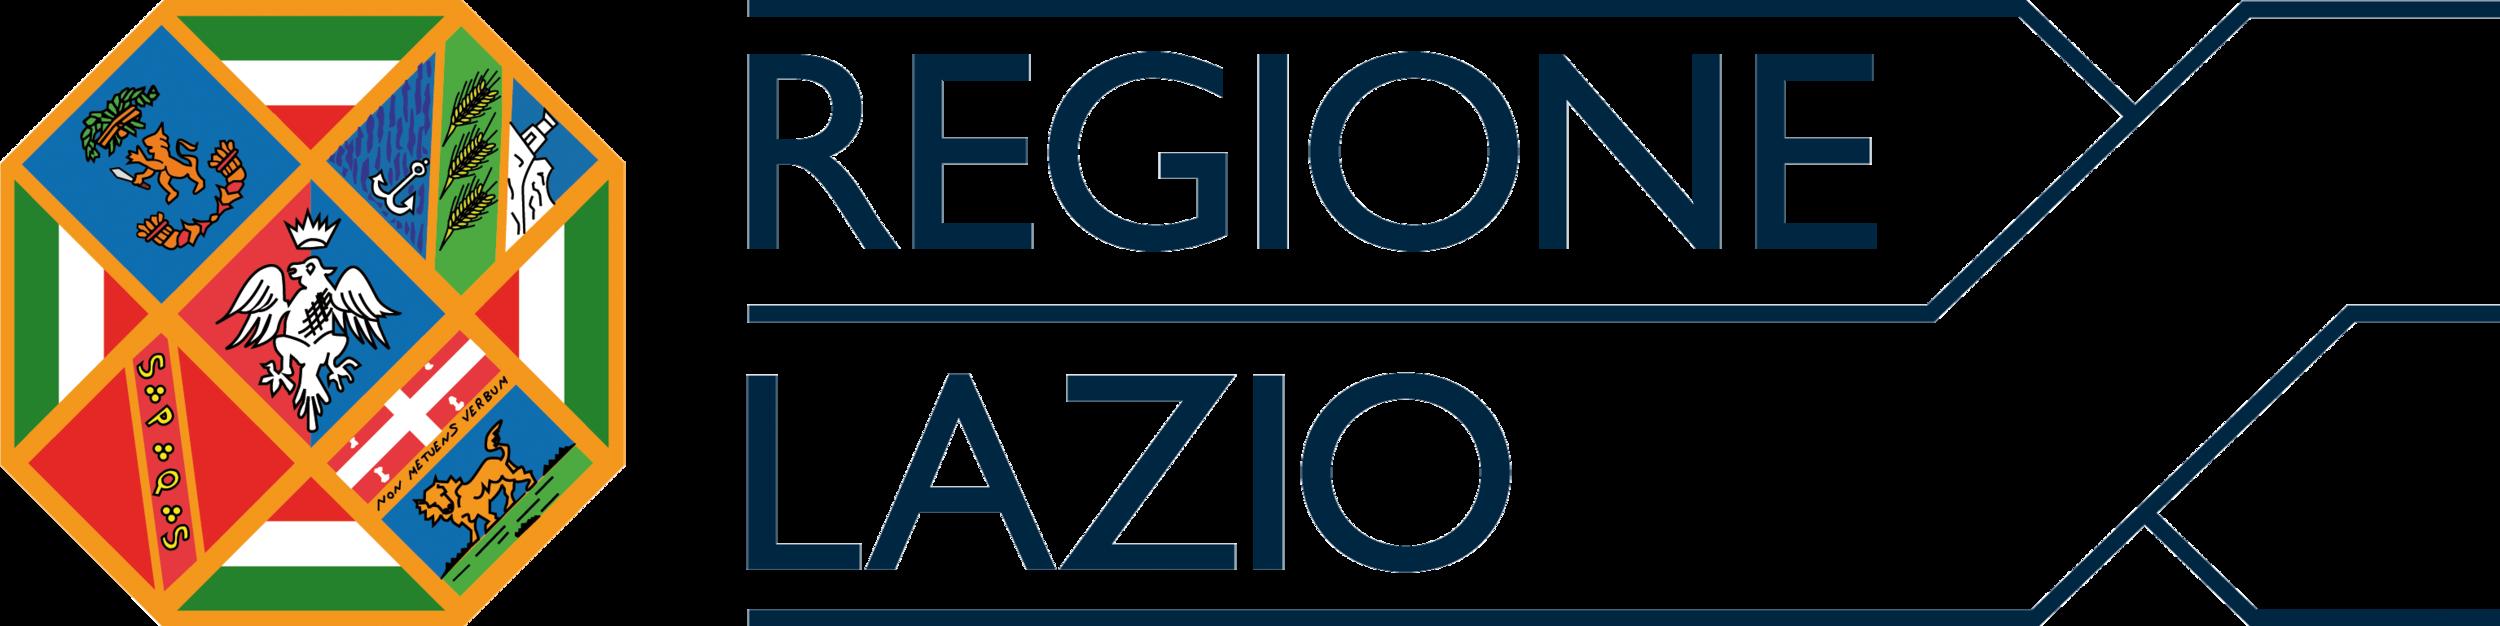 logoRegioneLazio_RGB.png